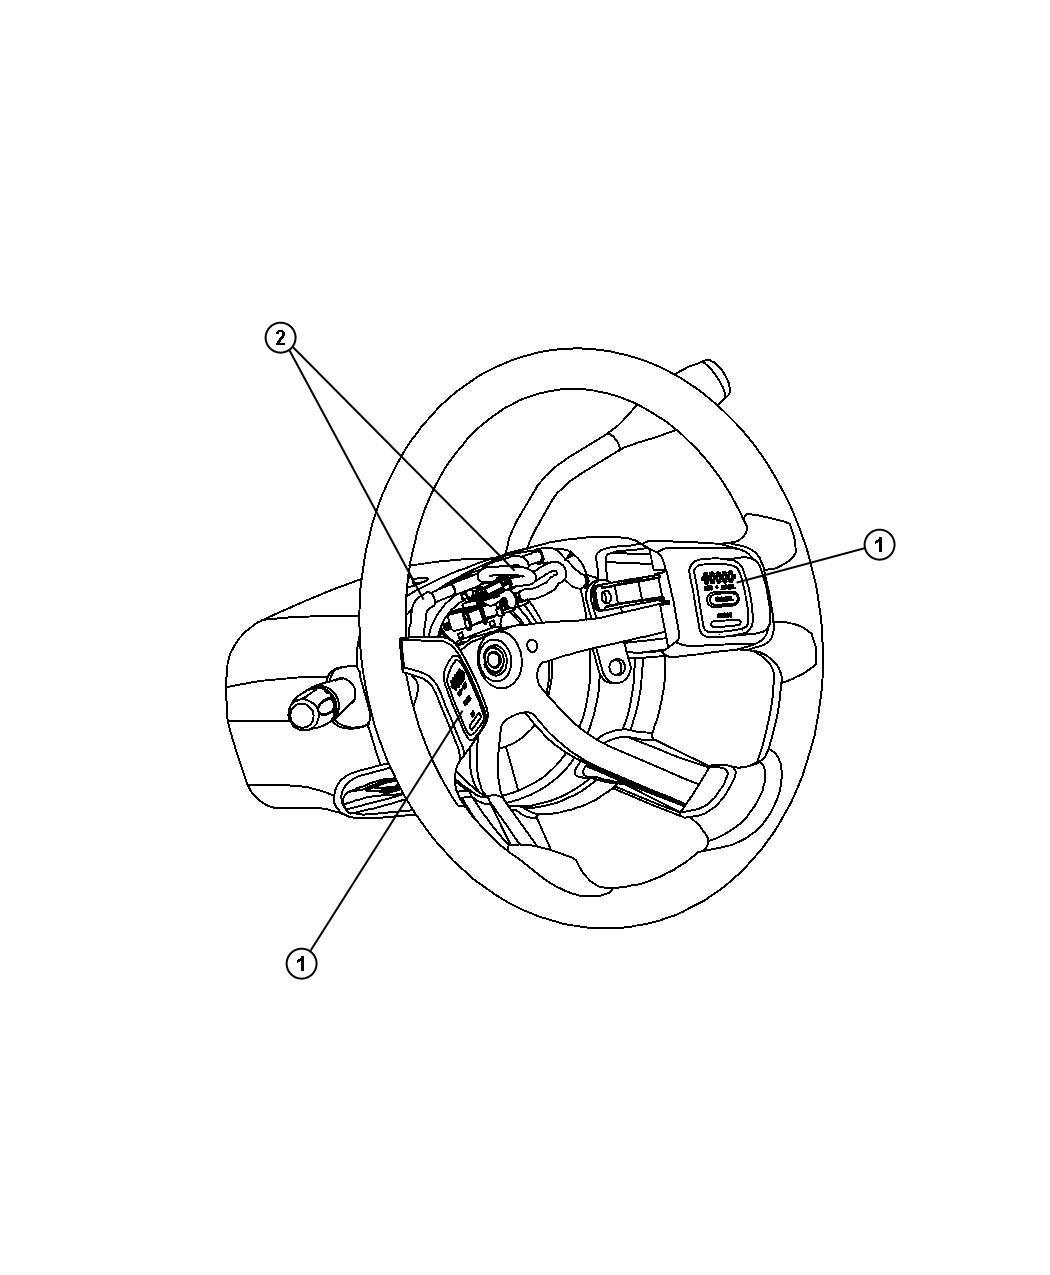 2008 Dodge Durango Wiring. Steering wheel. Trim: [all trim